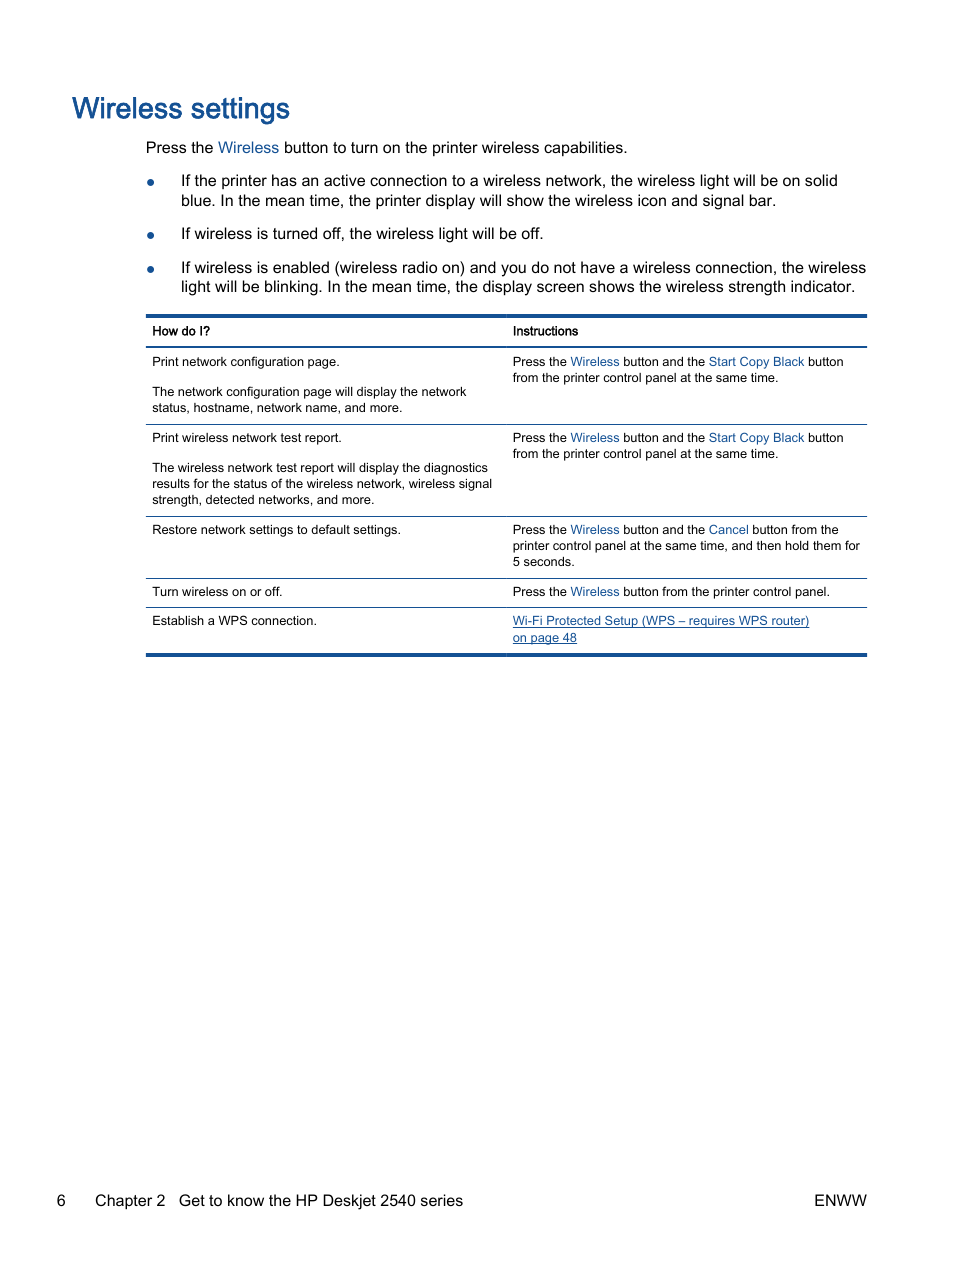 Wireless settings | HP Deskjet 2540 All-in-One Printer User